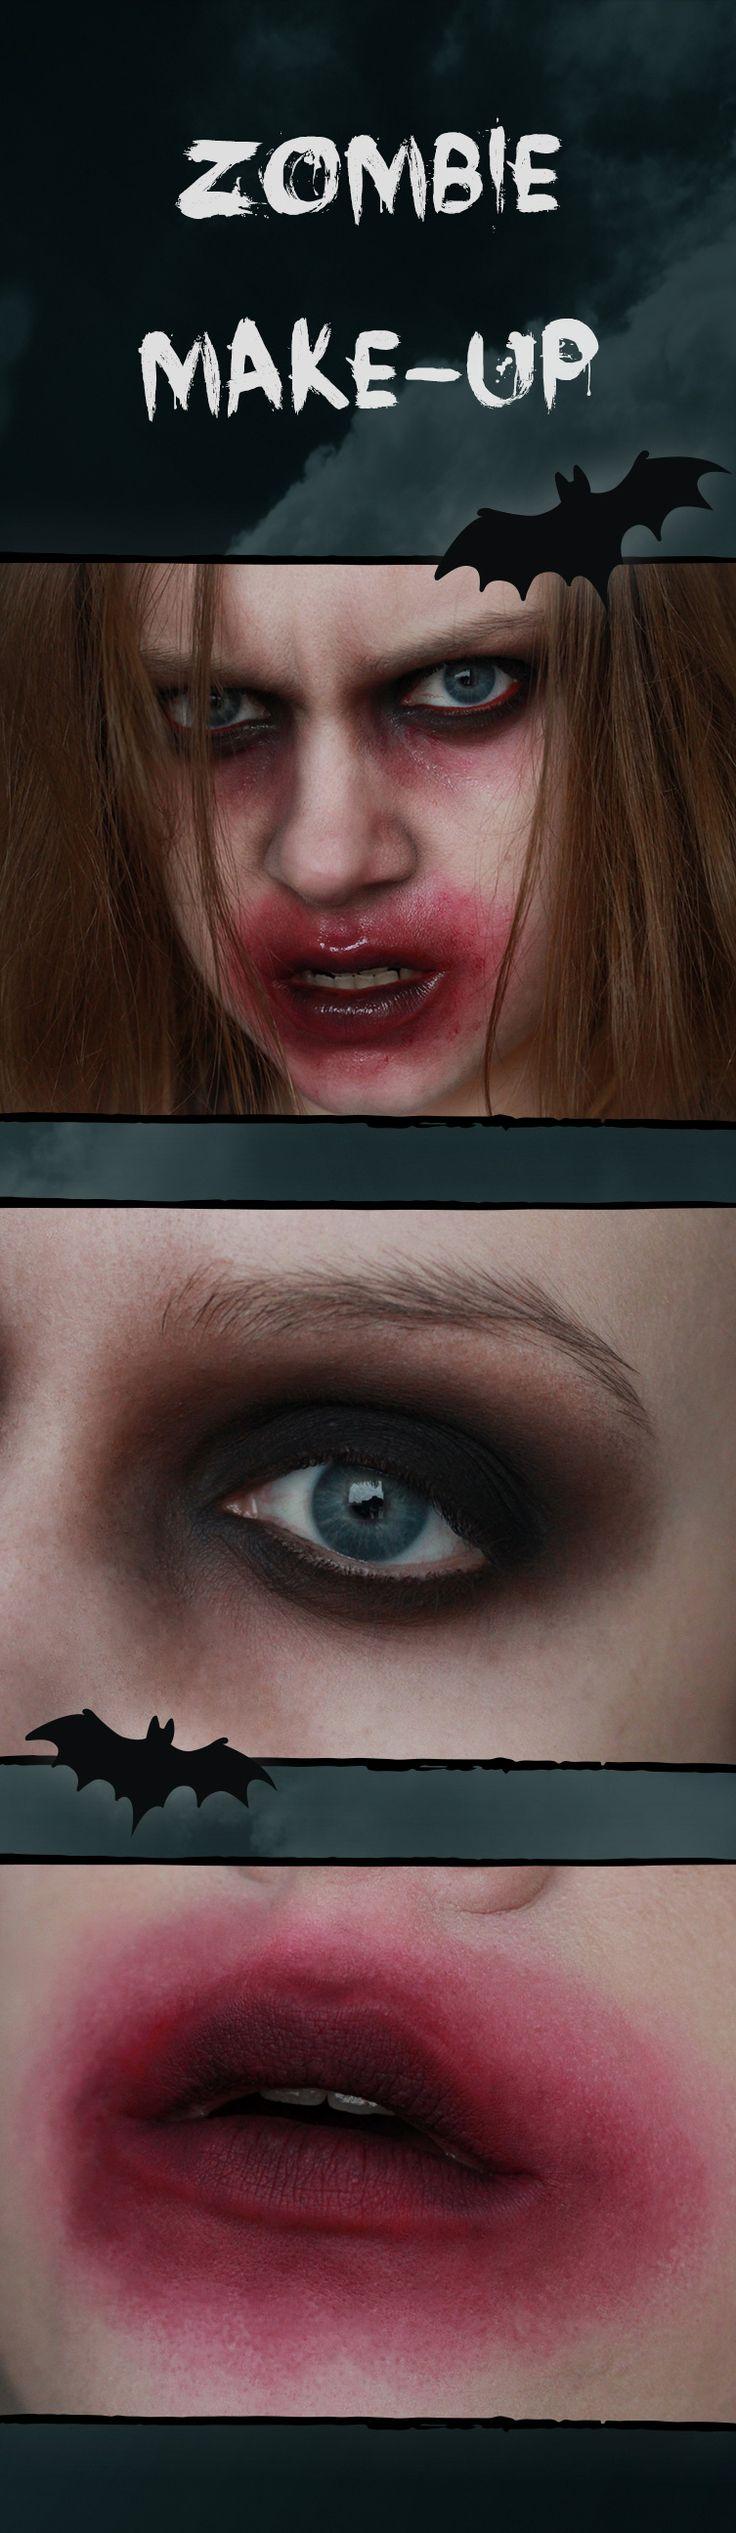 Süßes oder Saures? #halloween steht vor der Tür und man kann mittlerweile überall passende Halloween-Deko shoppen und sich Grusel-Food-#tutorials für #halloweenpartys anschauen. Und um selbst auf solchen Partys optisch auftrumpfen zu können, erklärt euch Beauty.by.Miri step-by-step wie ihr ein gruseliges Zombie-Make-up ganz einfach selbst schminken könnt – in weniger als 30 Minuten.